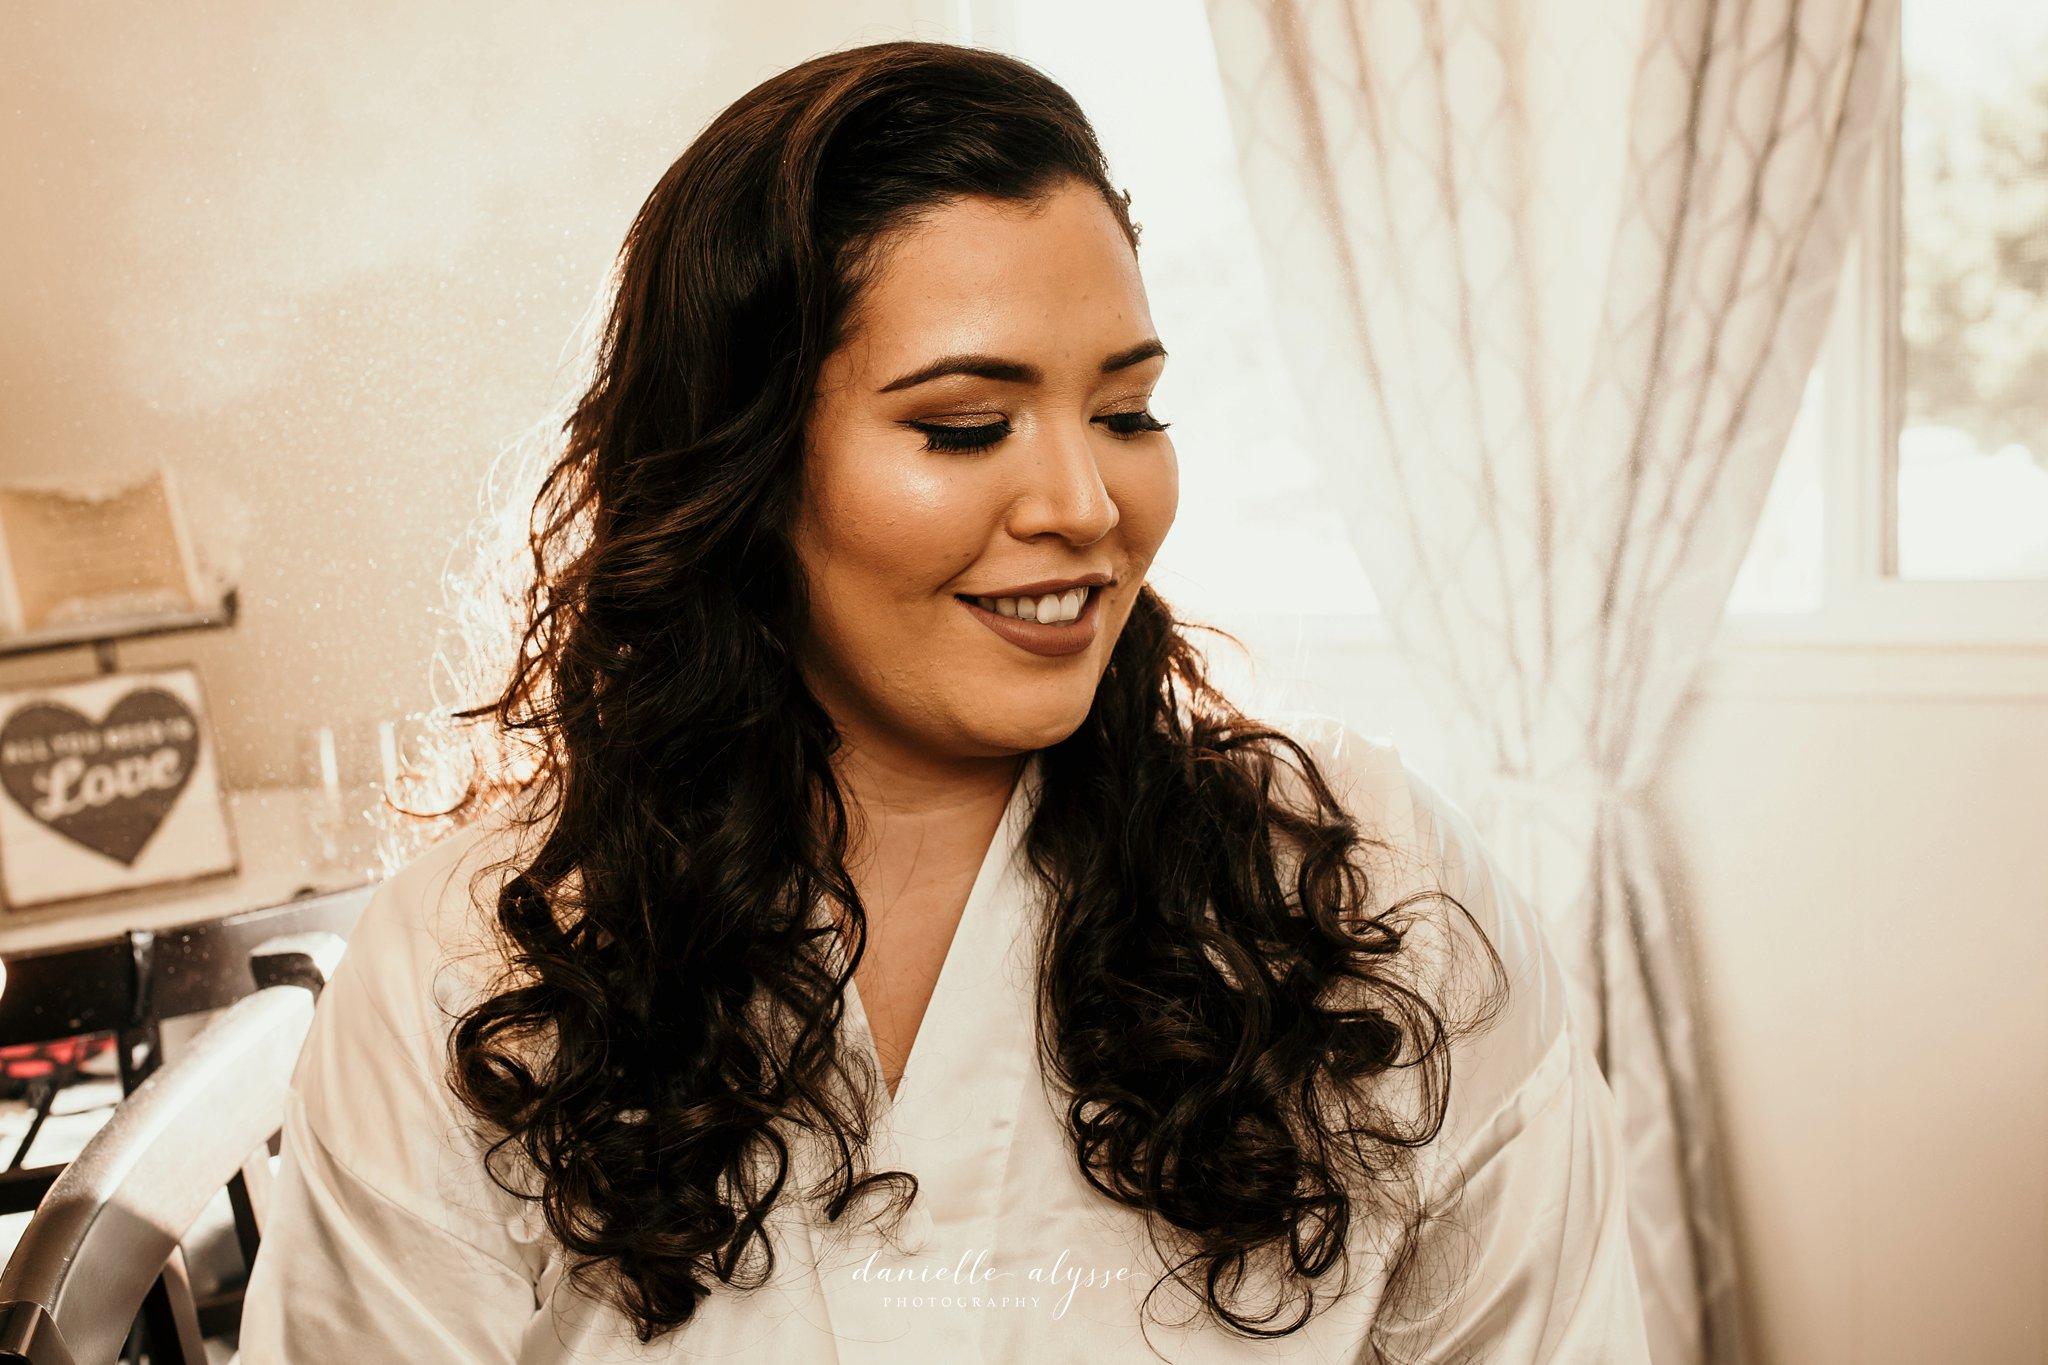 180630_wedding_lily_ryan_mission_soledad_california_danielle_alysse_photography_blog_57_WEB.jpg